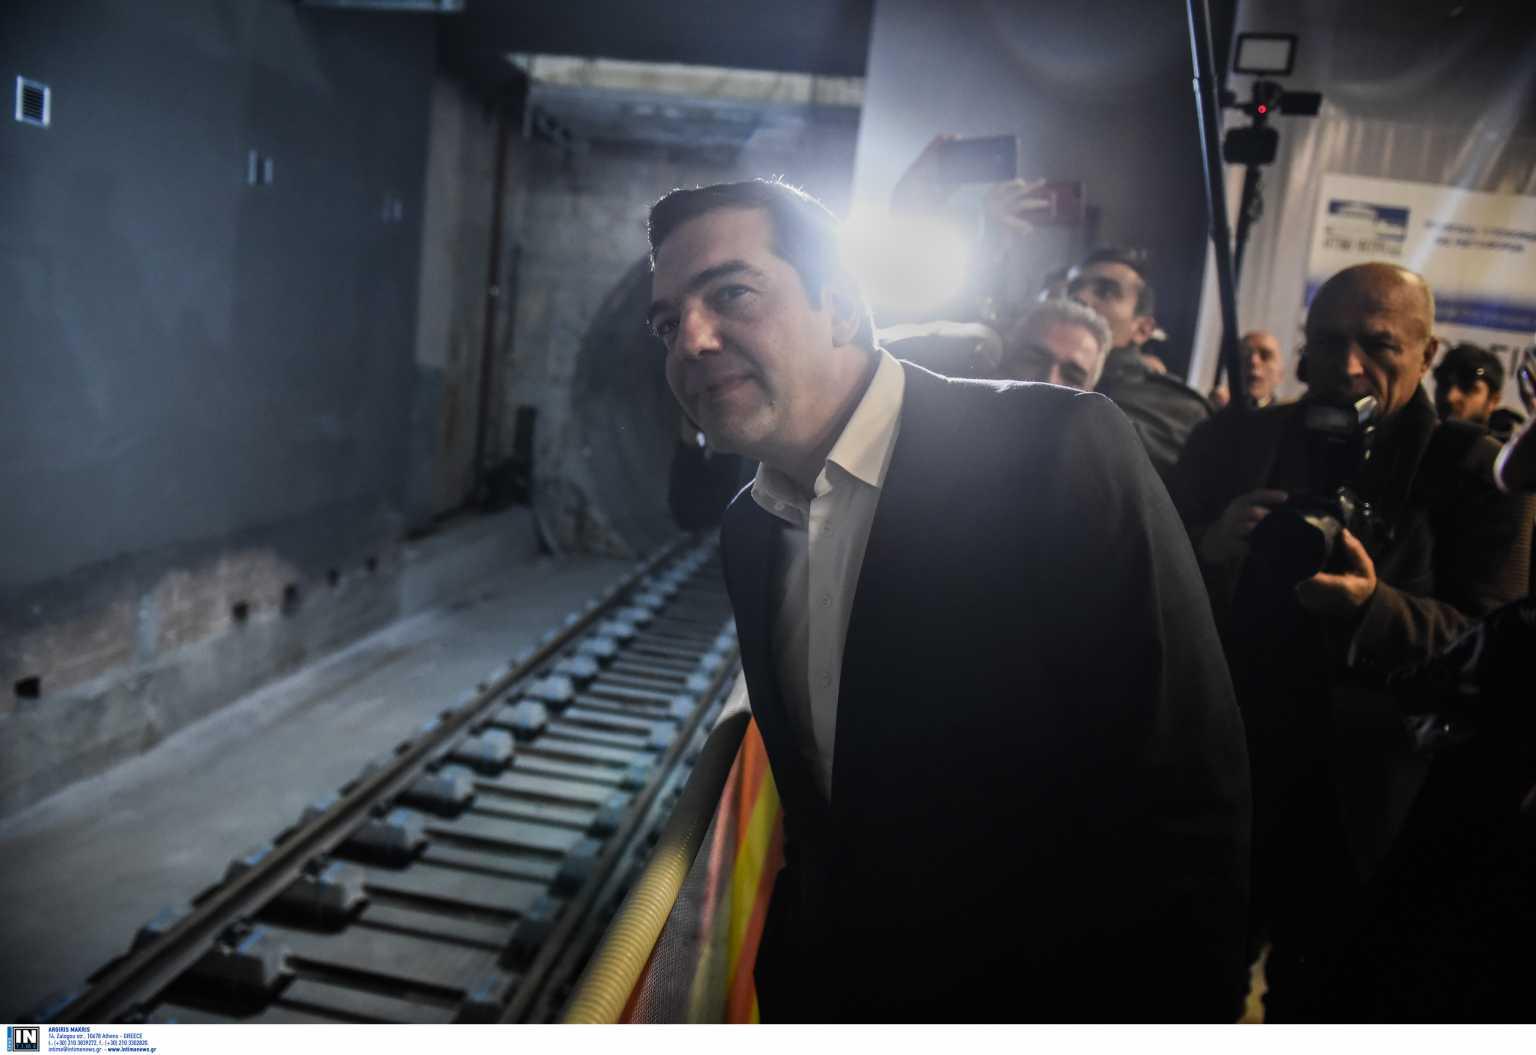 Τσίπρας: Ακούστε τους επιστήμονες για τα αρχαία στο Μετρό Θεσσαλονίκης